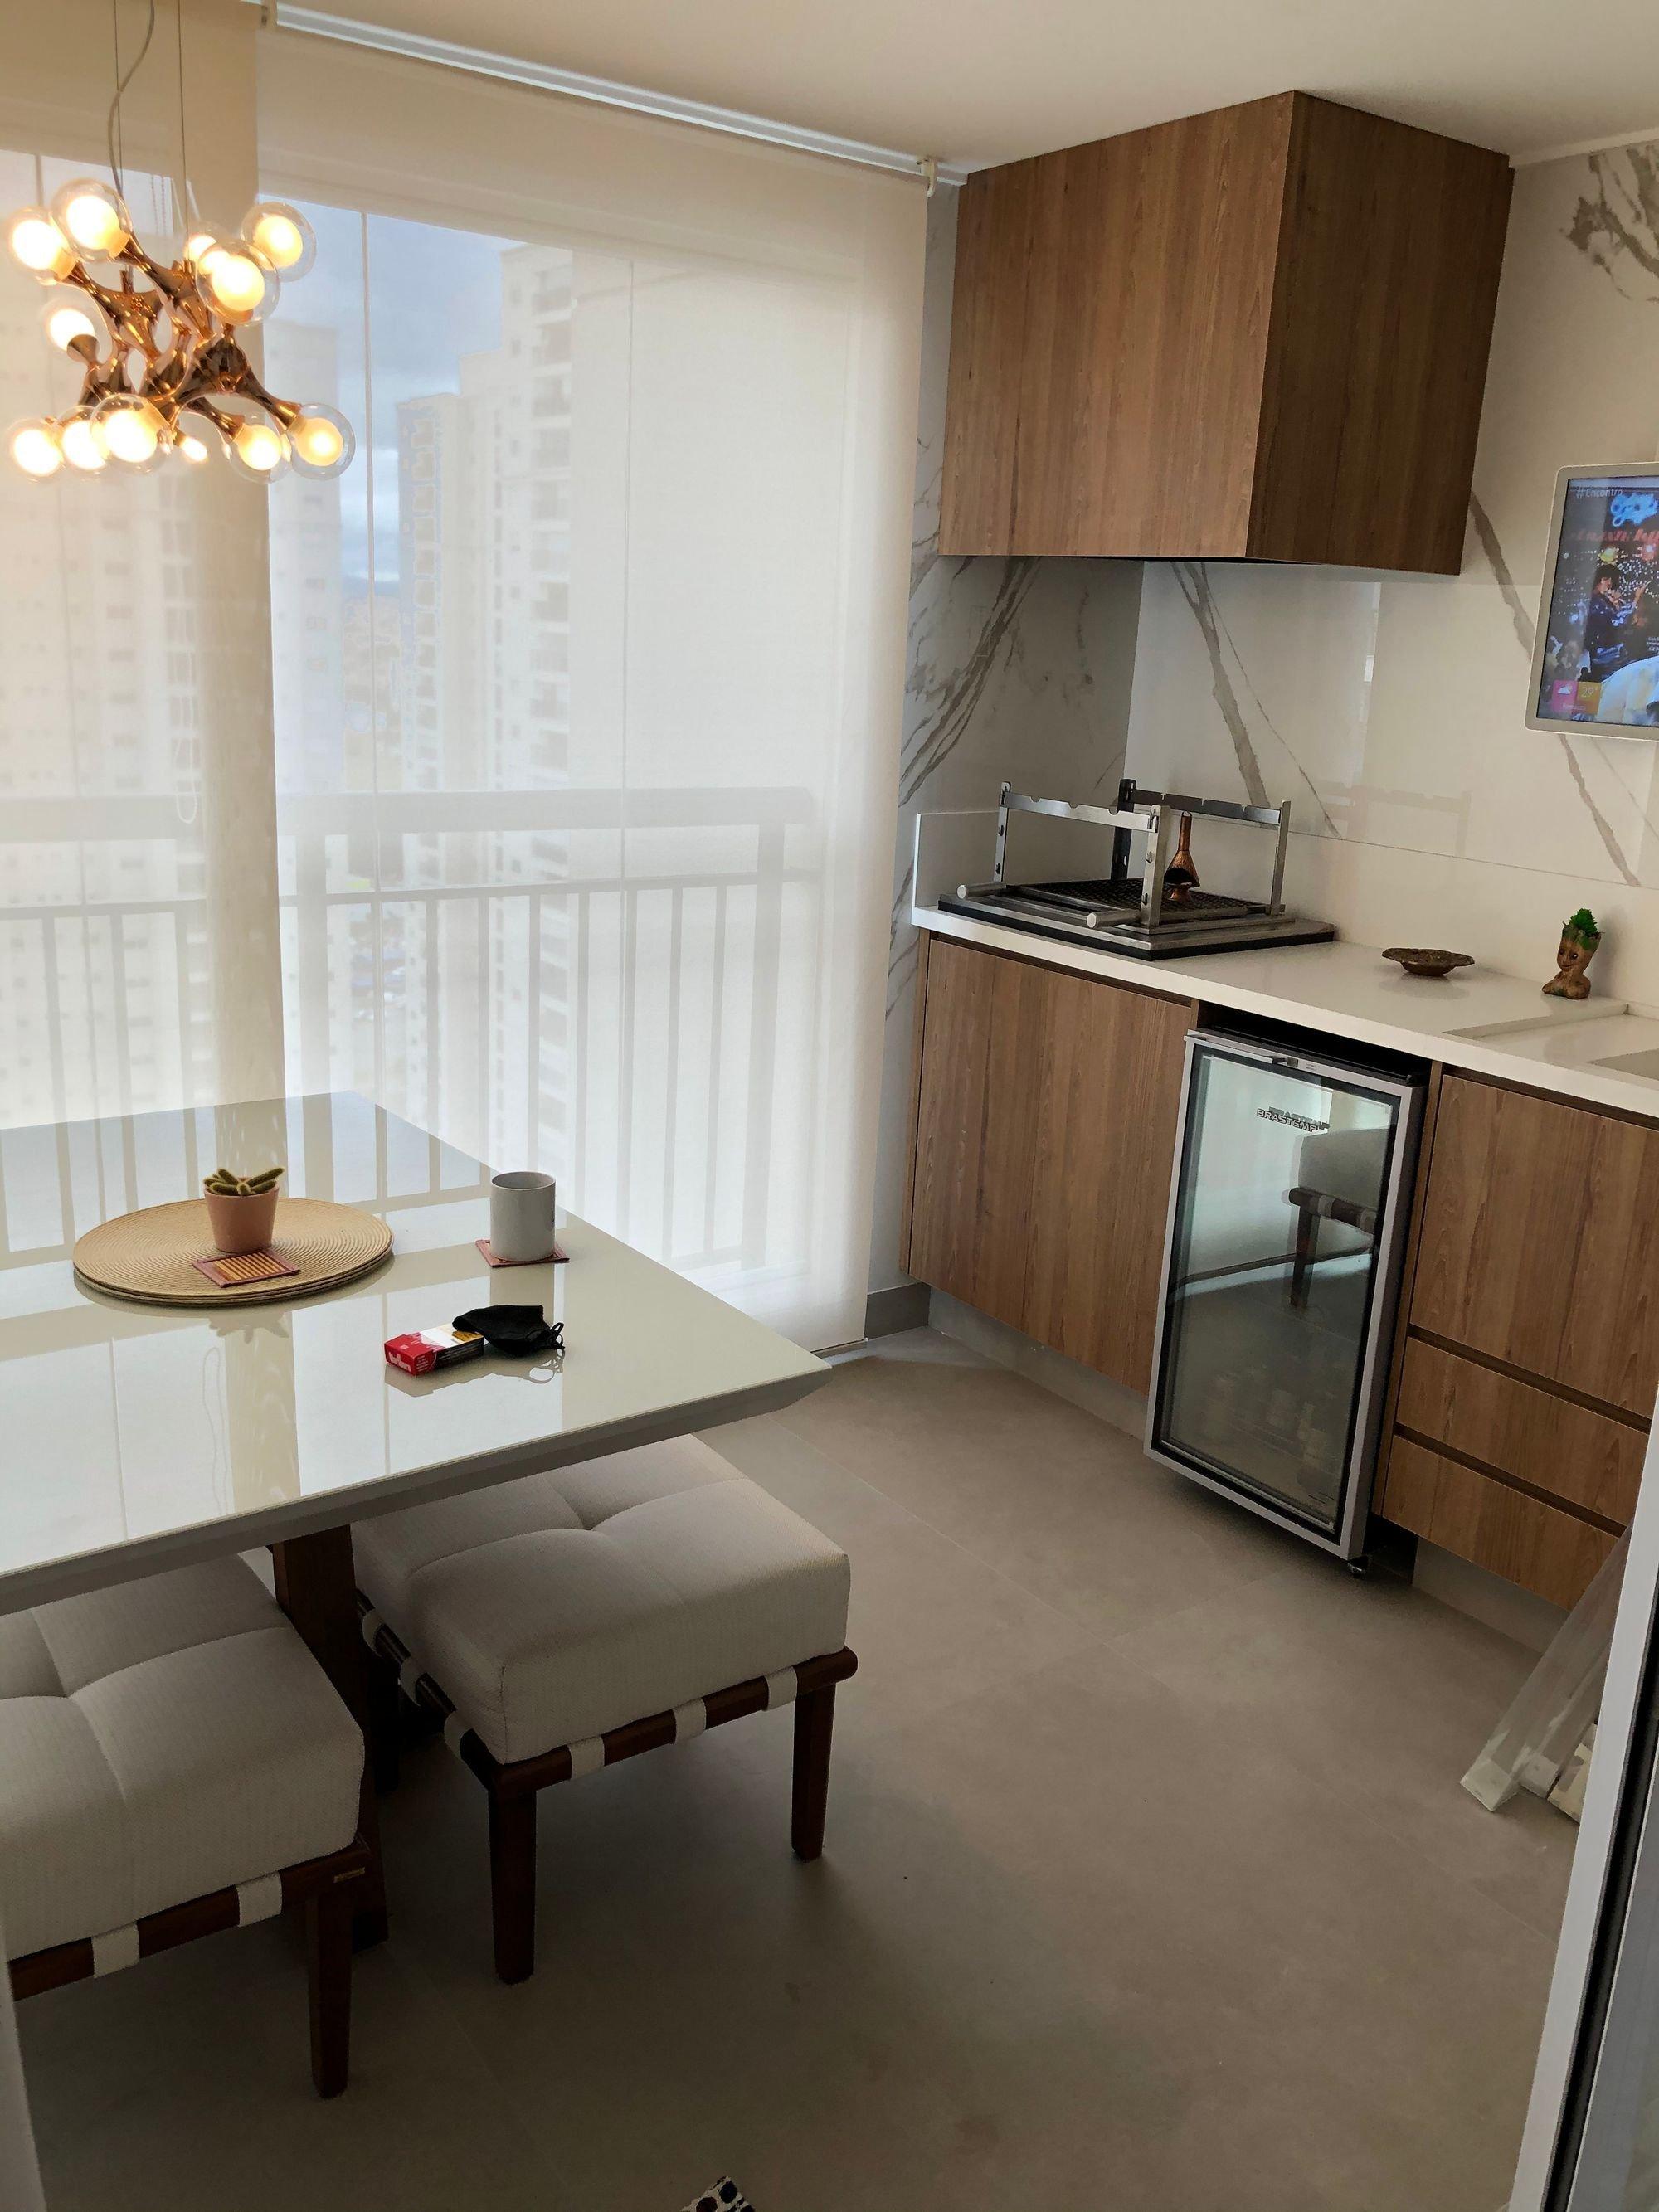 Foto de Sala com tigela, geladeira, cadeira, mesa de jantar